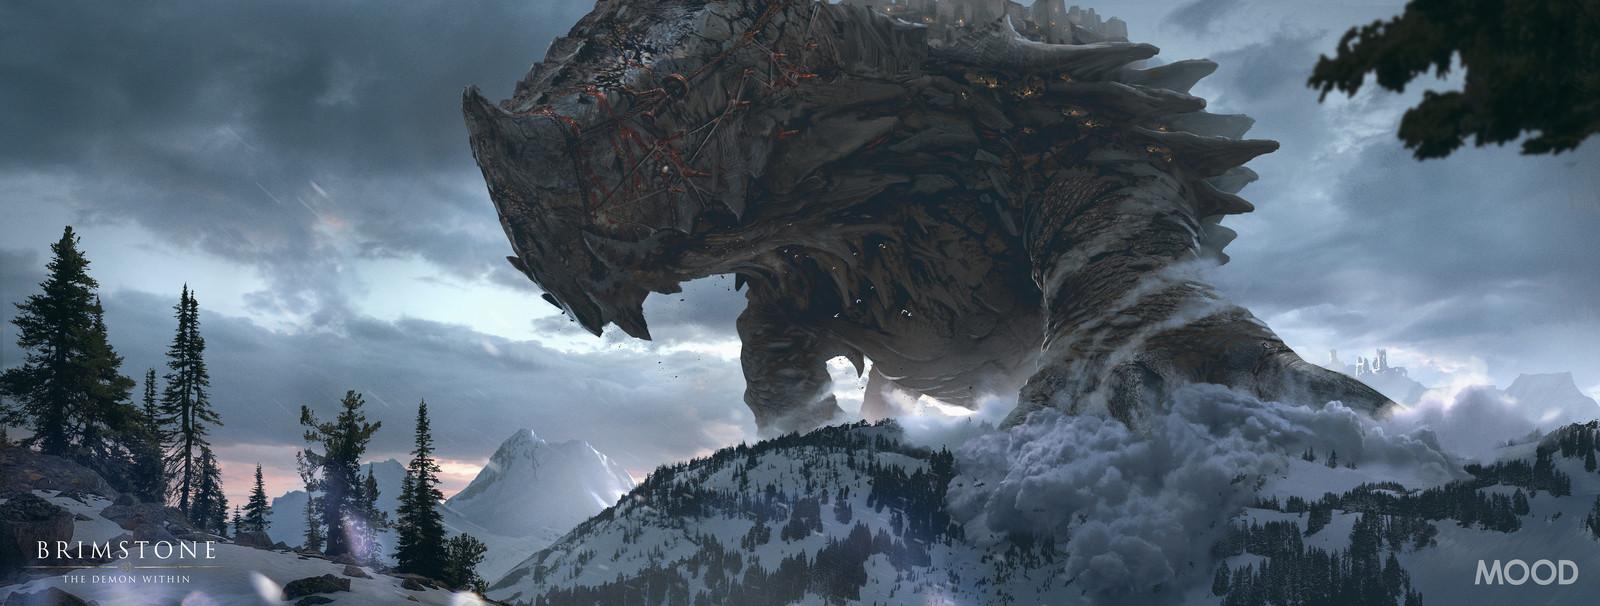 Gomorrah Traversing the Mountains